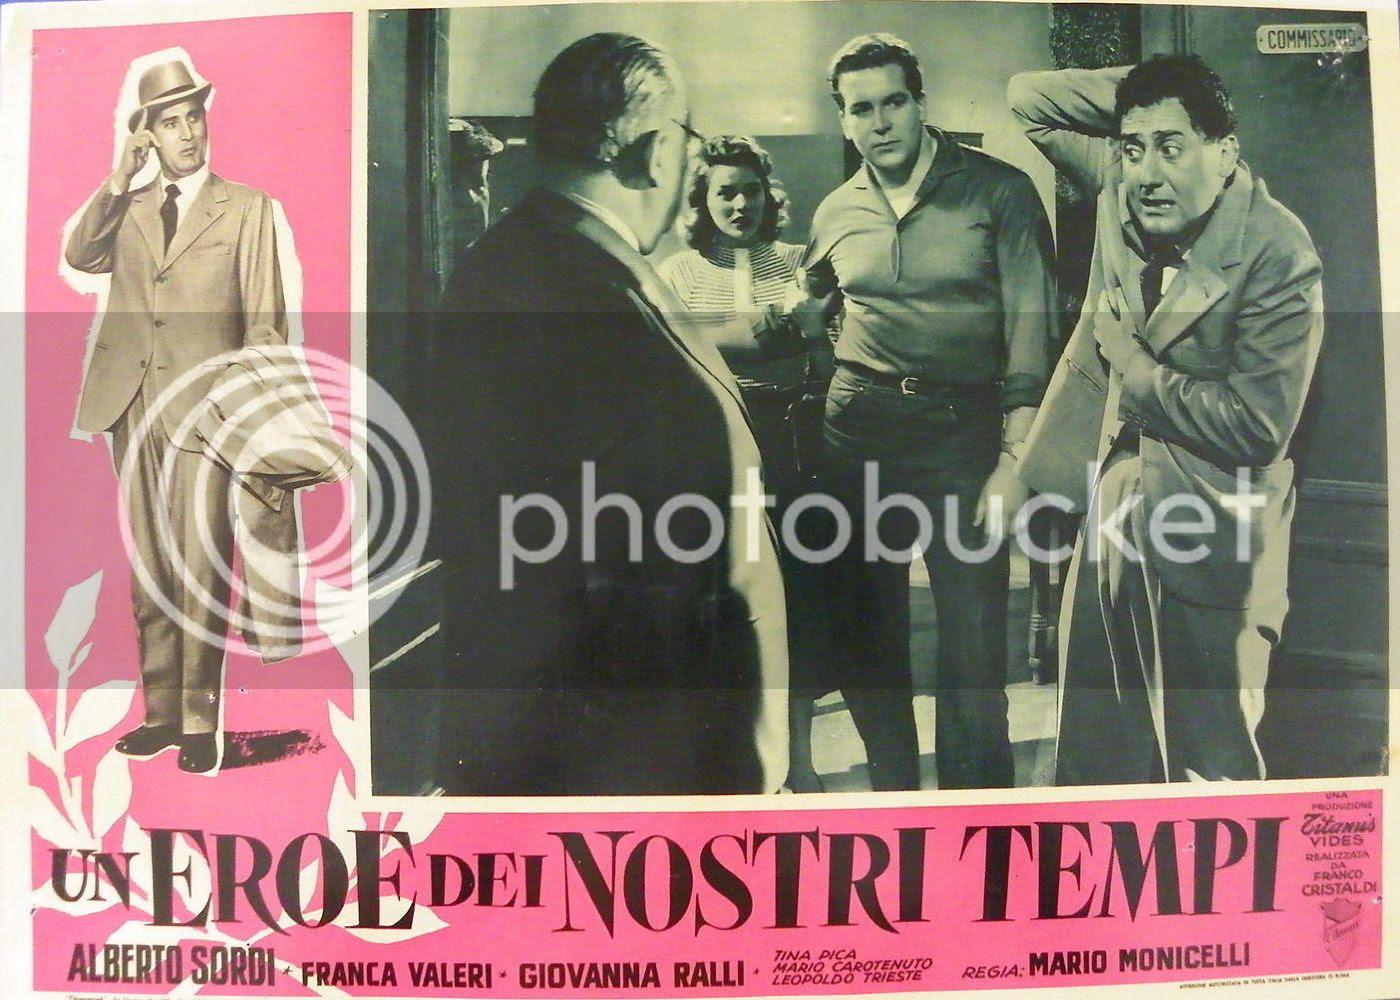 photo poster_tempi_nostri-2.jpg